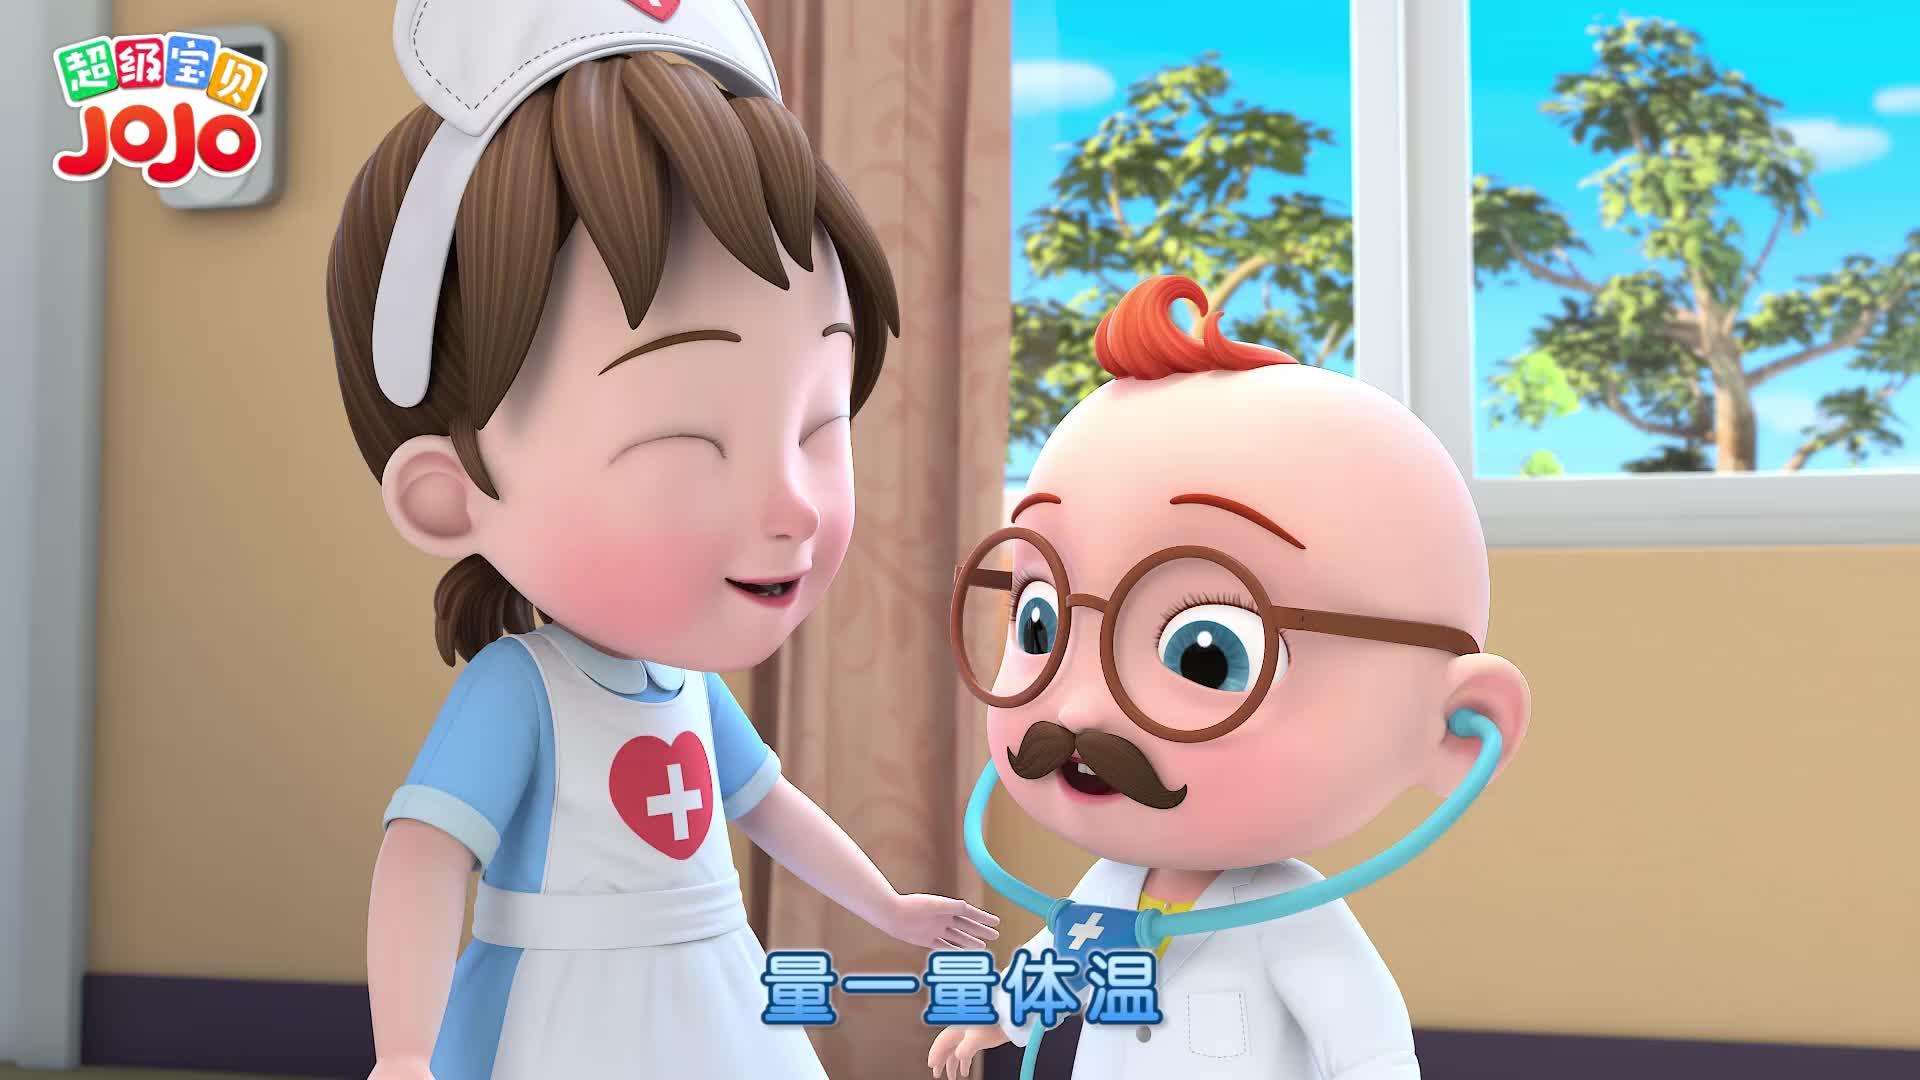 超级宝贝JOJO 第30集 妈妈生病了